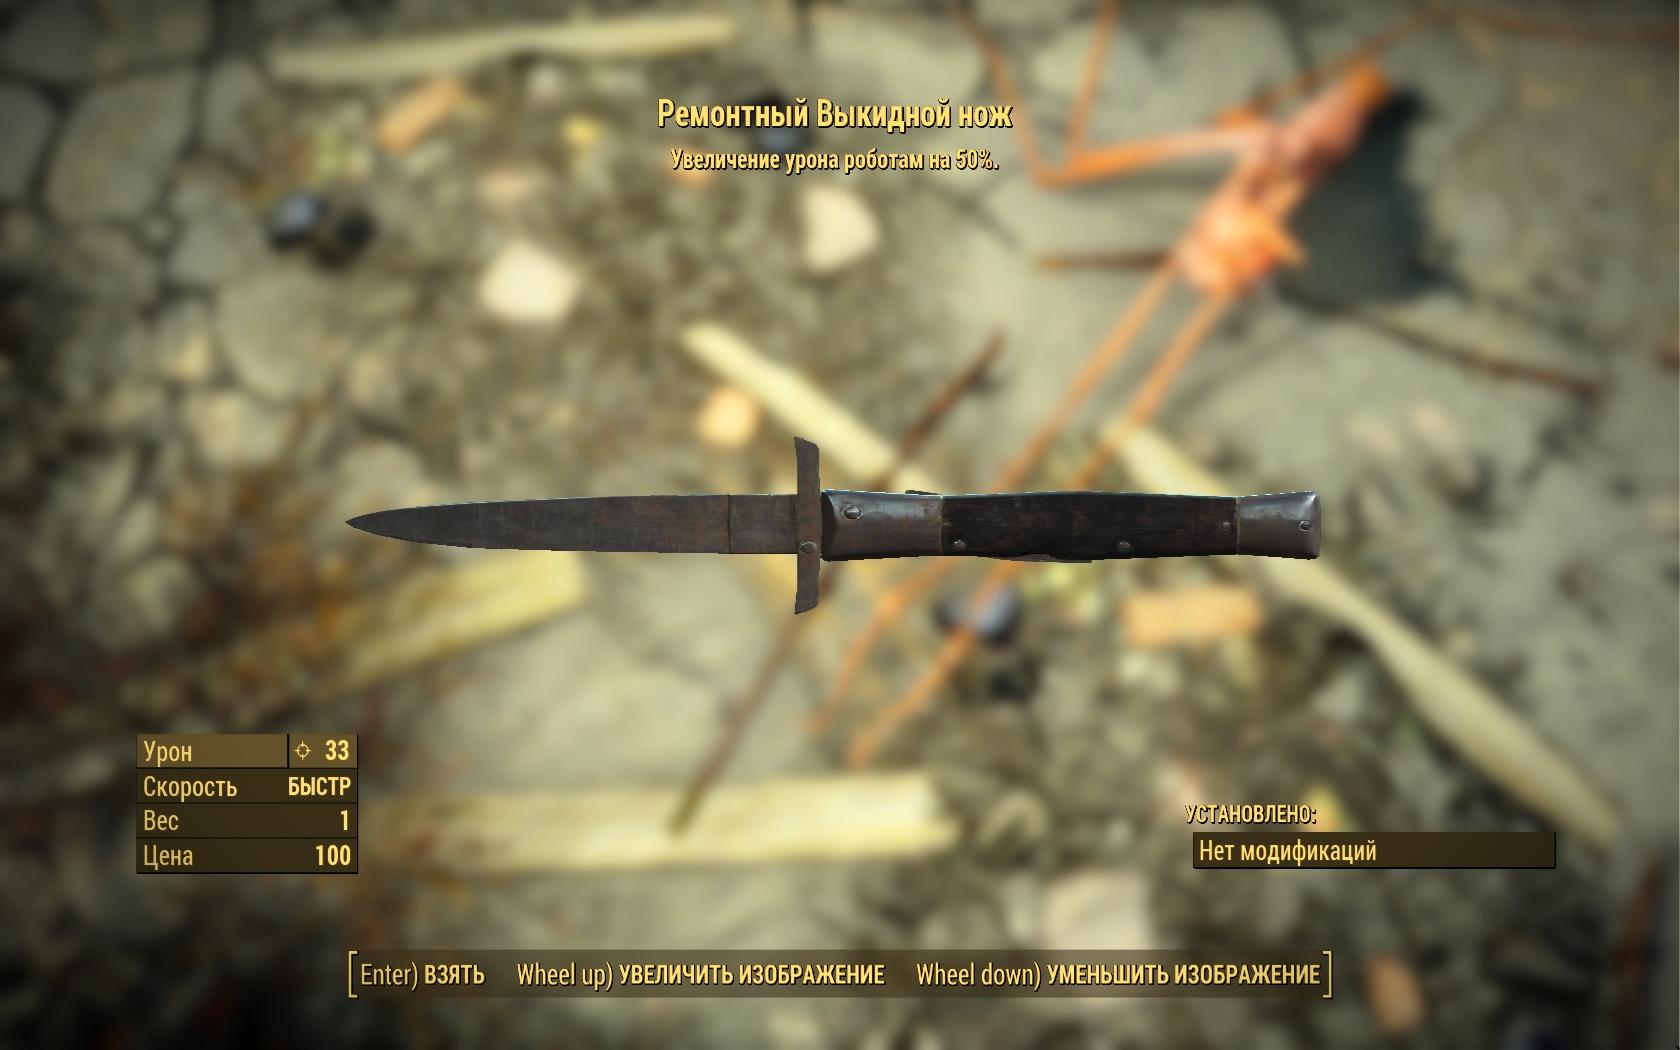 Ремонтный выкидной нож - Fallout 4 нож, Оружие